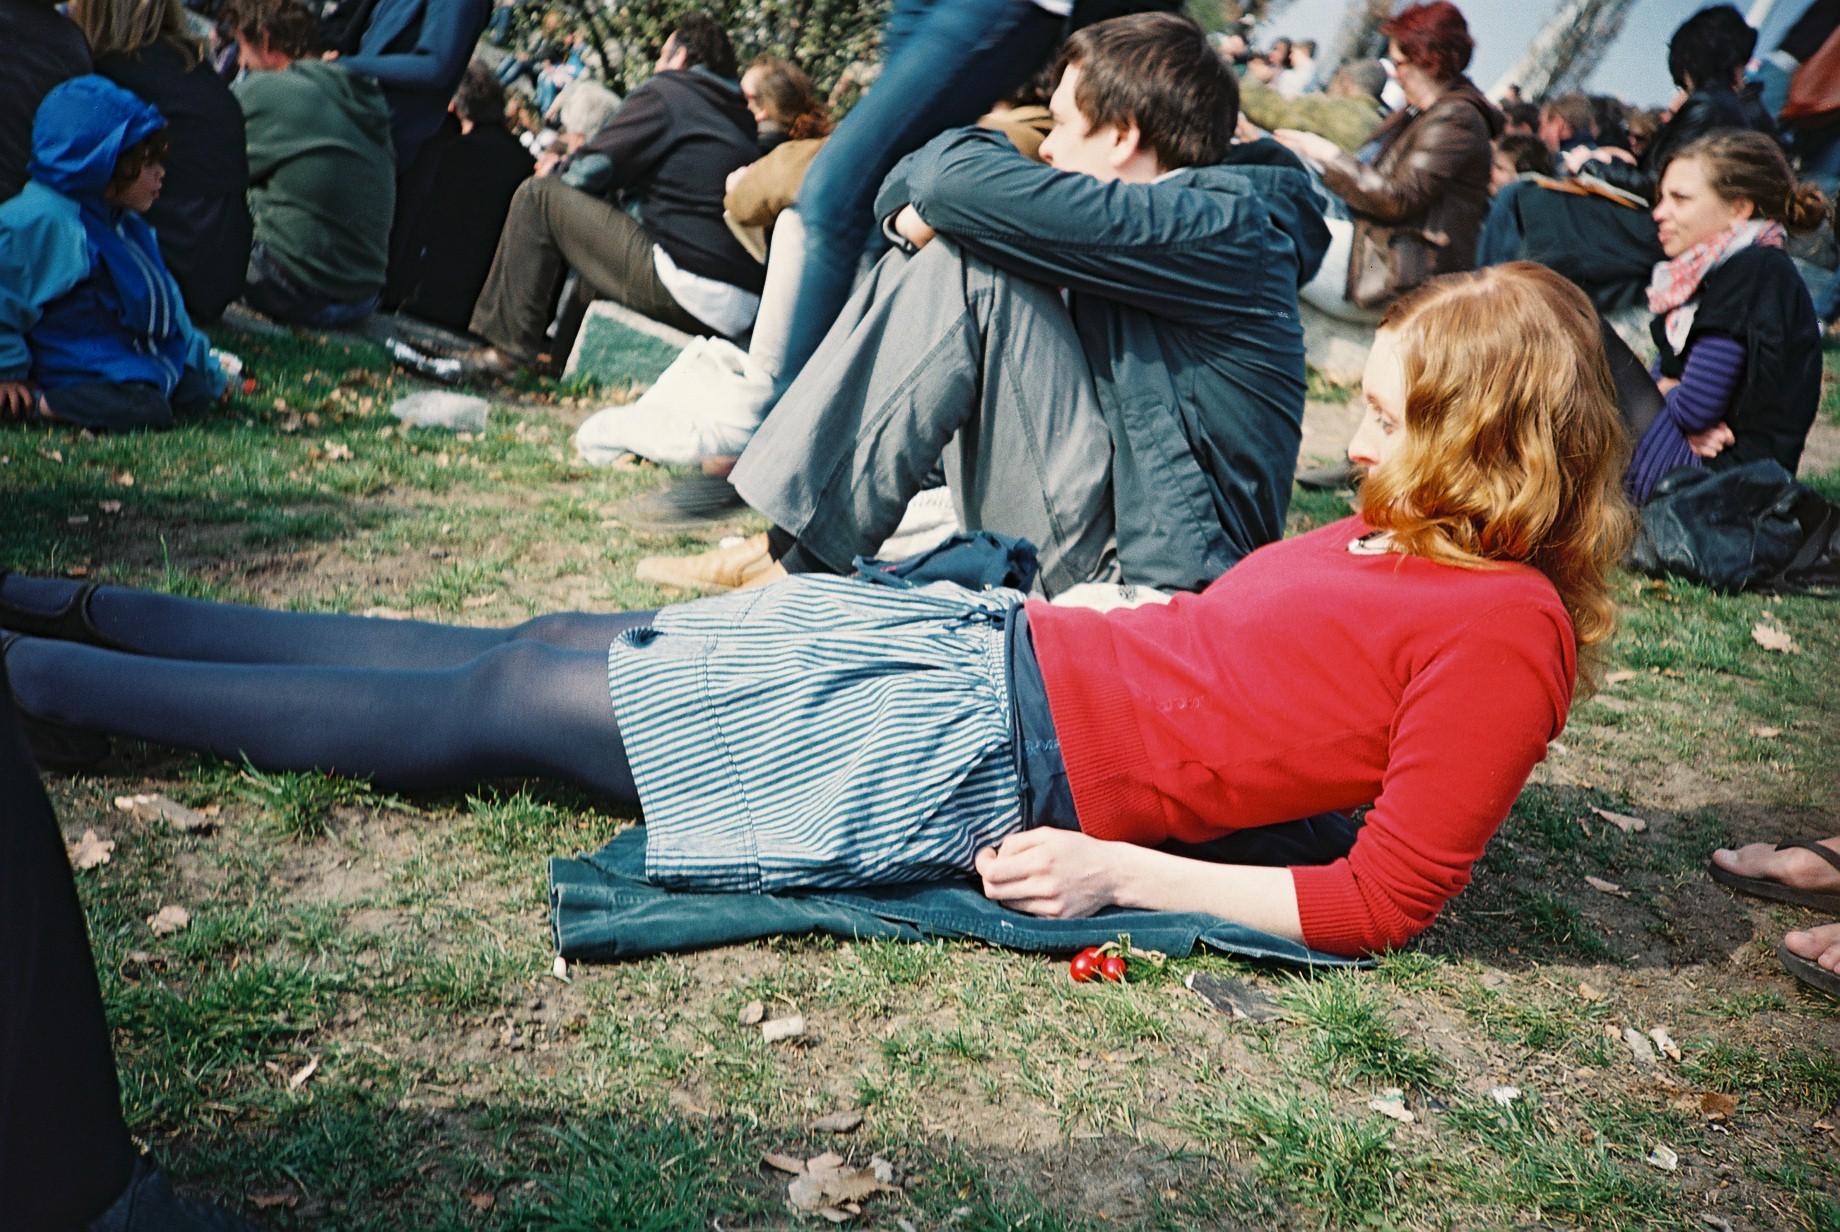 http://lafilladelfotografu.irenavisa.com/files/gimgs/13_f1010013.jpg